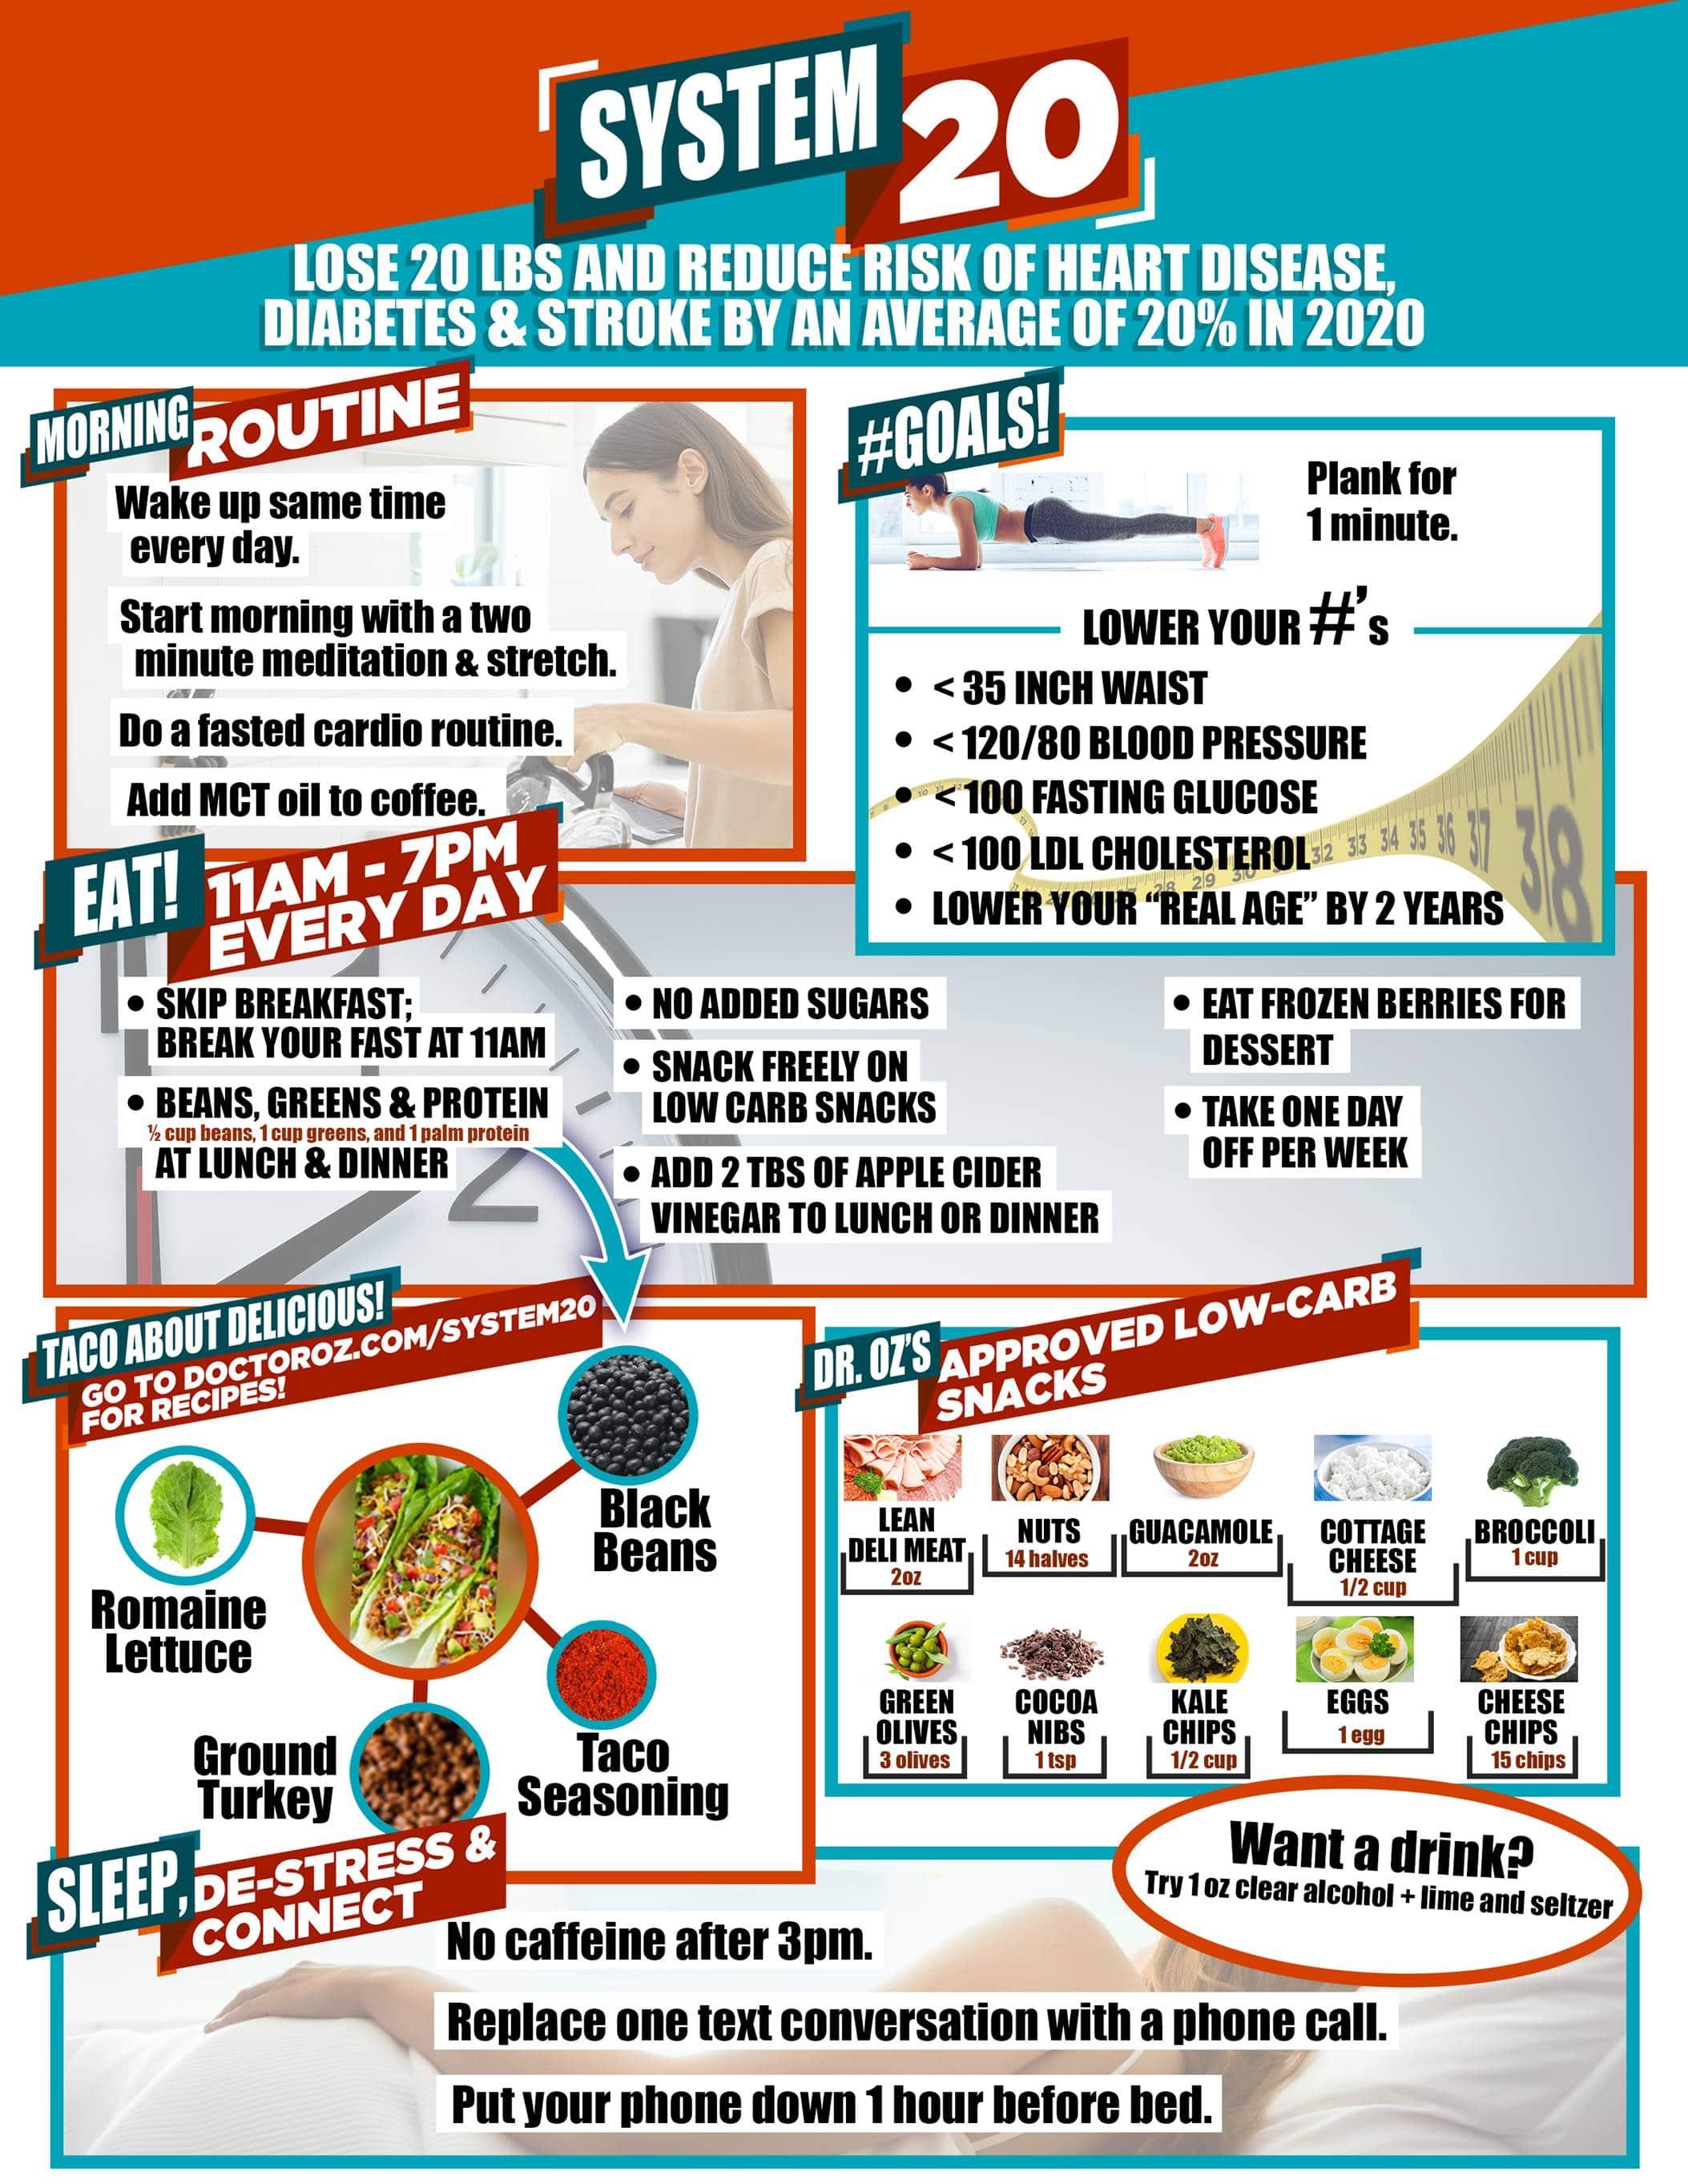 dr.oz 7 day diet